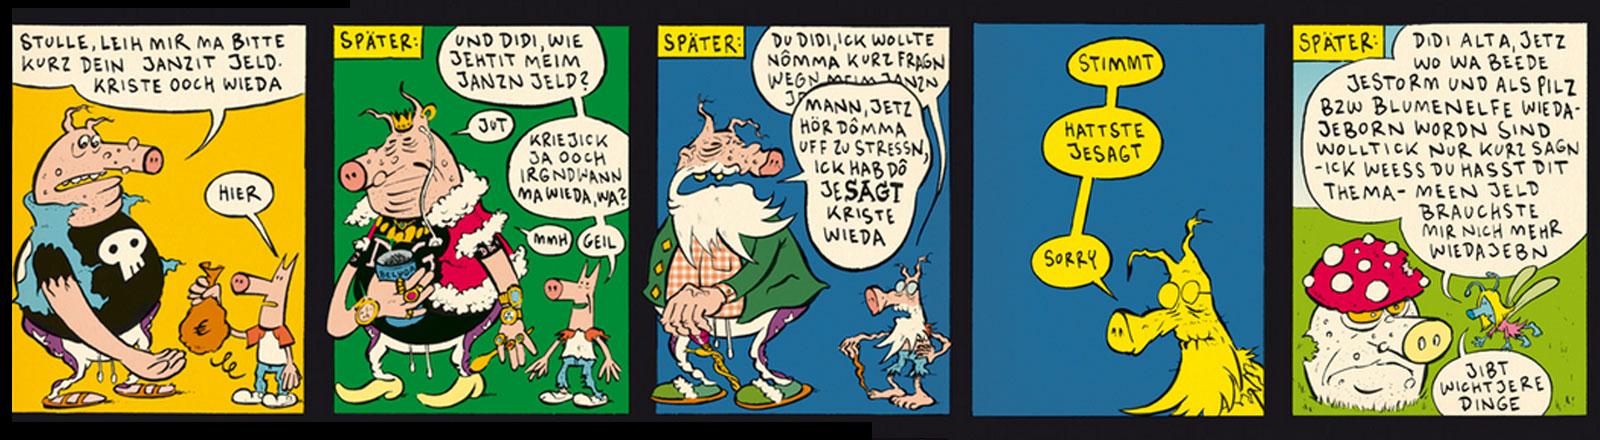 Comiczeichner: Didi und Stulle